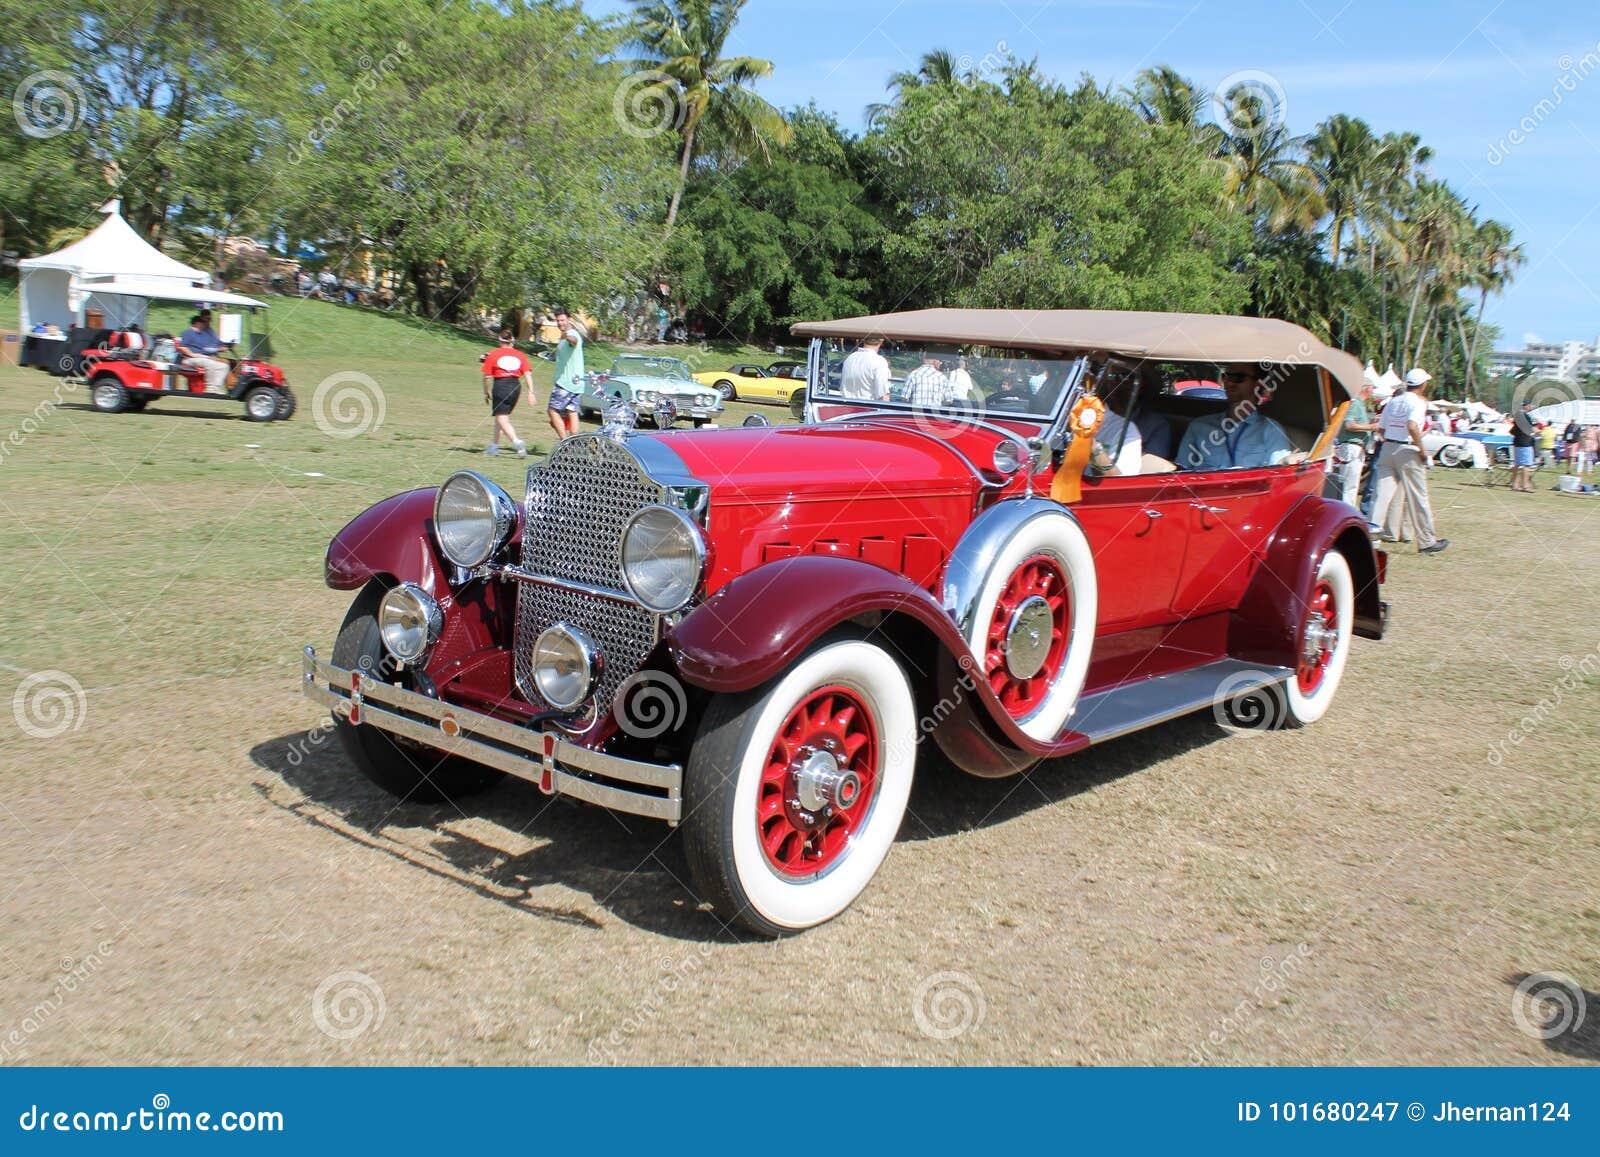 Carro luxuoso americano antigo conduzido